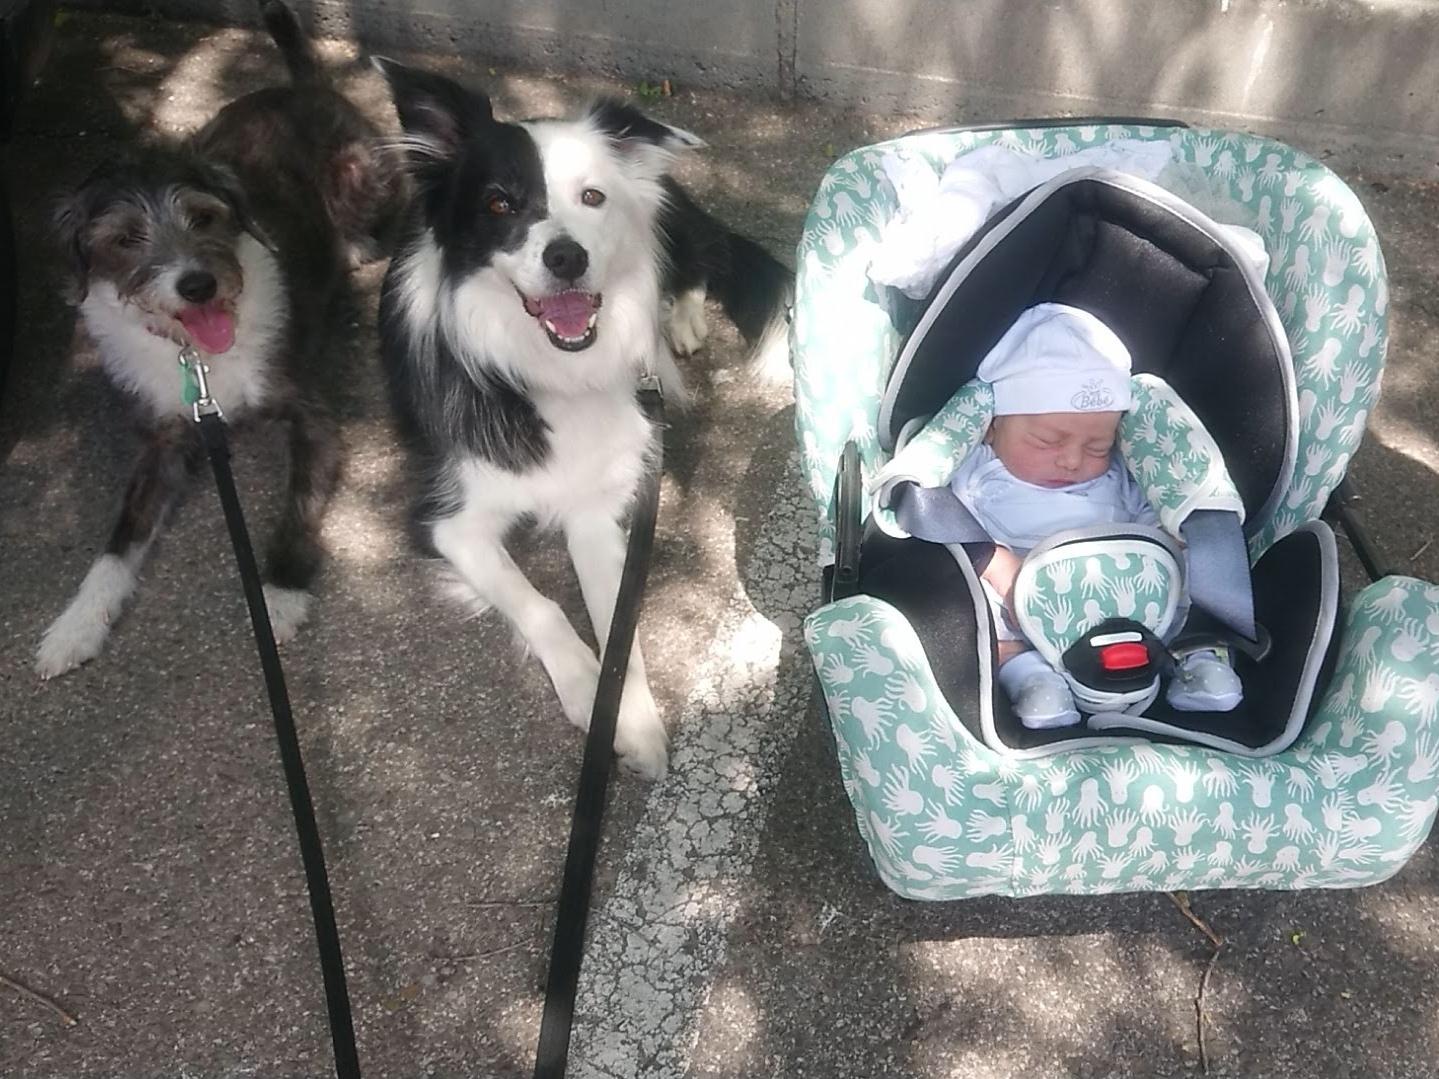 presentación perros y recien nacido creciendo entre perros tamara hernán